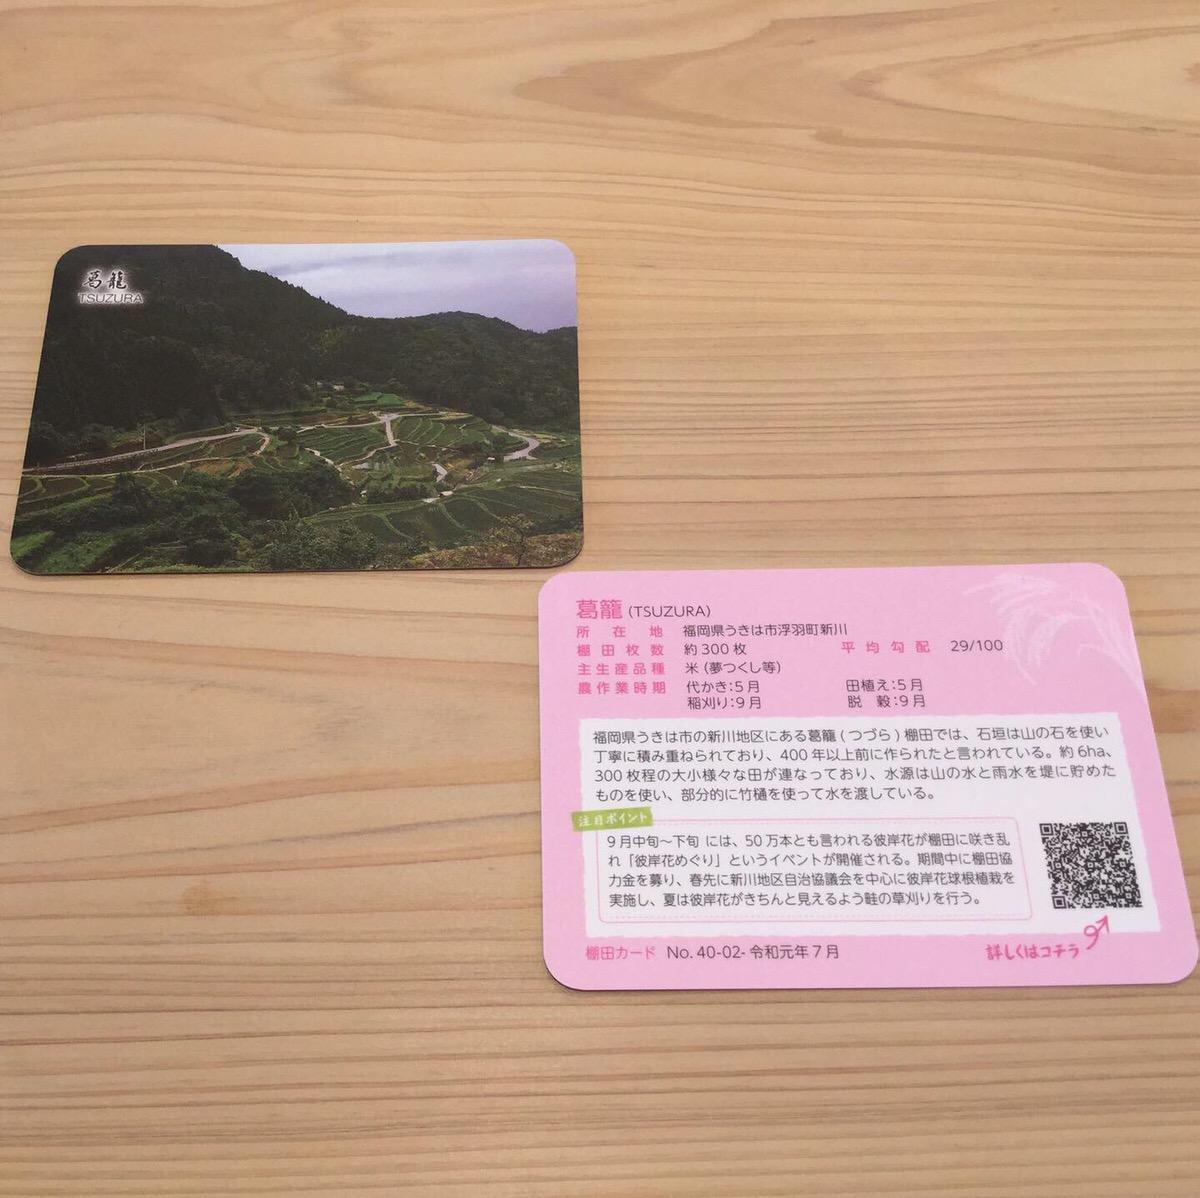 棚田カード無料配布中です!!